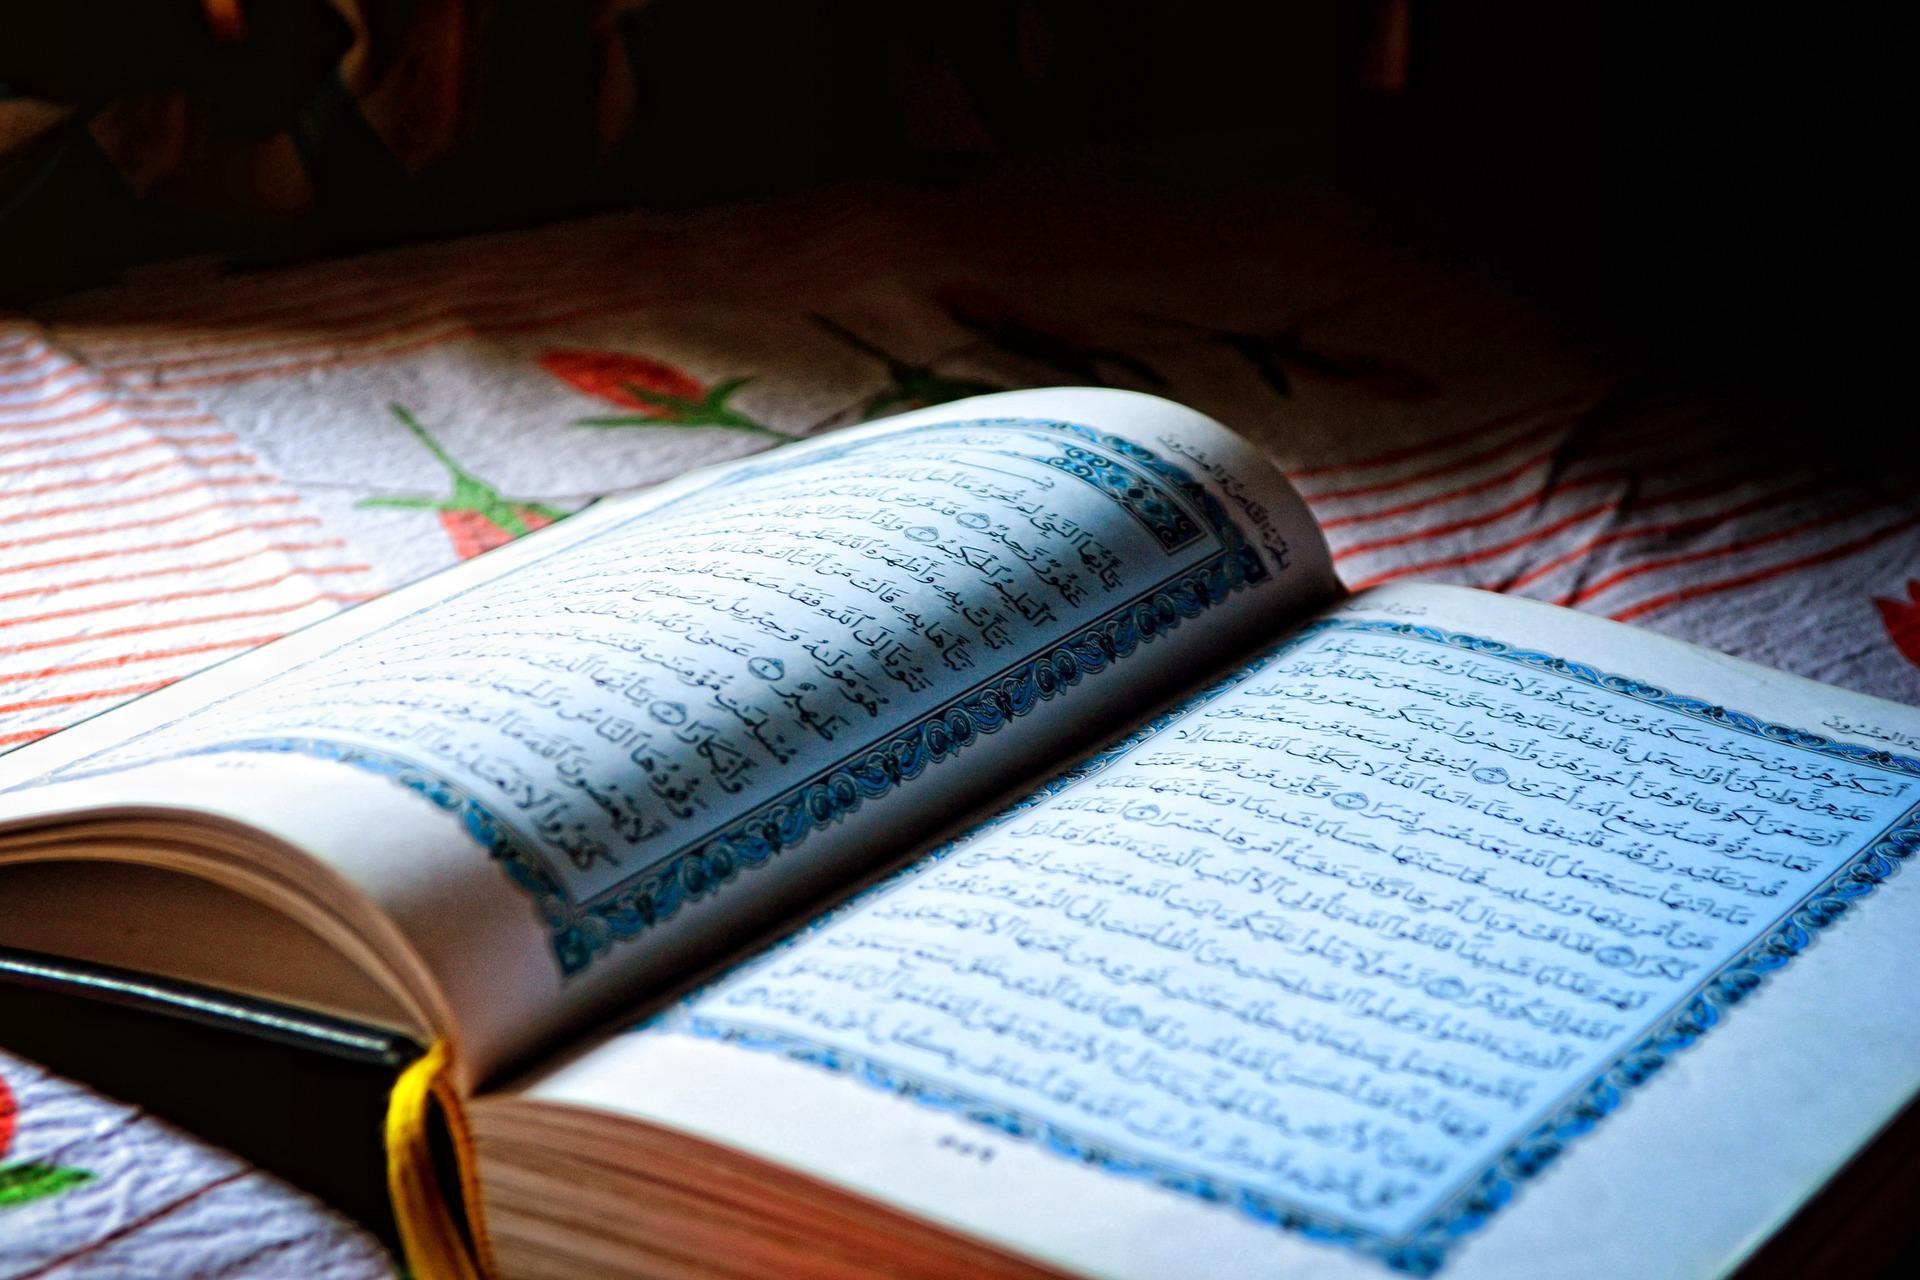 holy-quran-1528446_1920.jpg